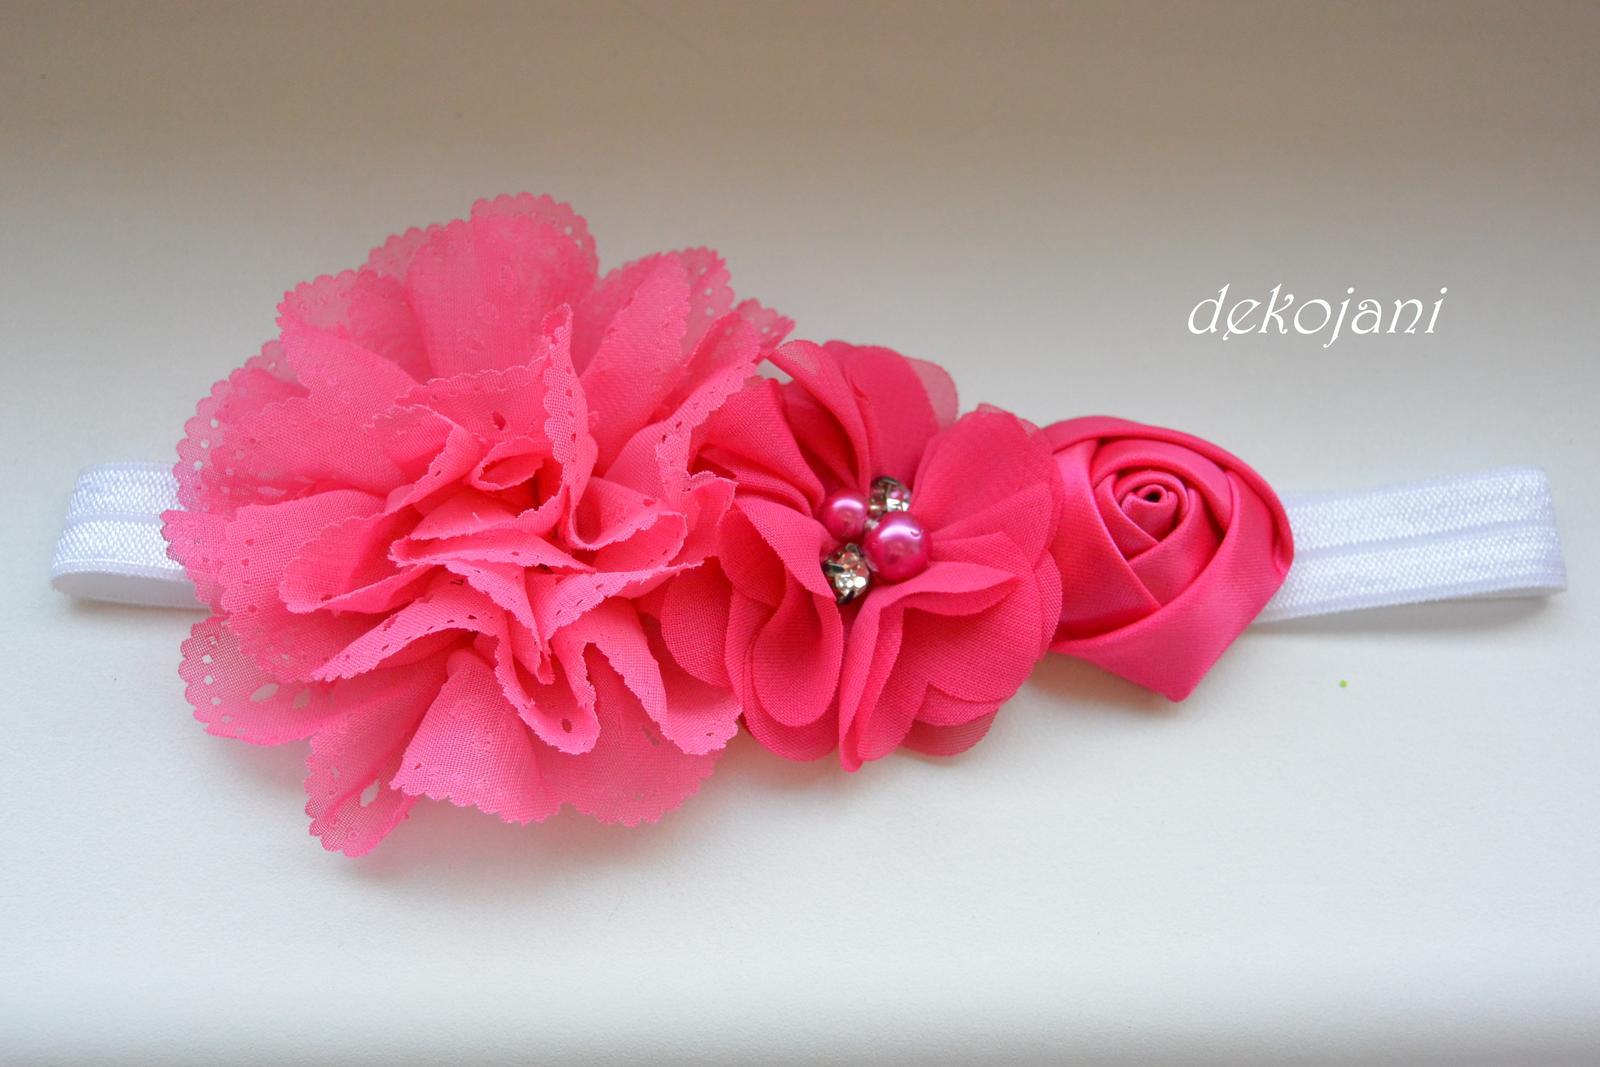 Čelenky, květiny do vlasů, náramky, obojek pro pejska... - Obrázek č. 54